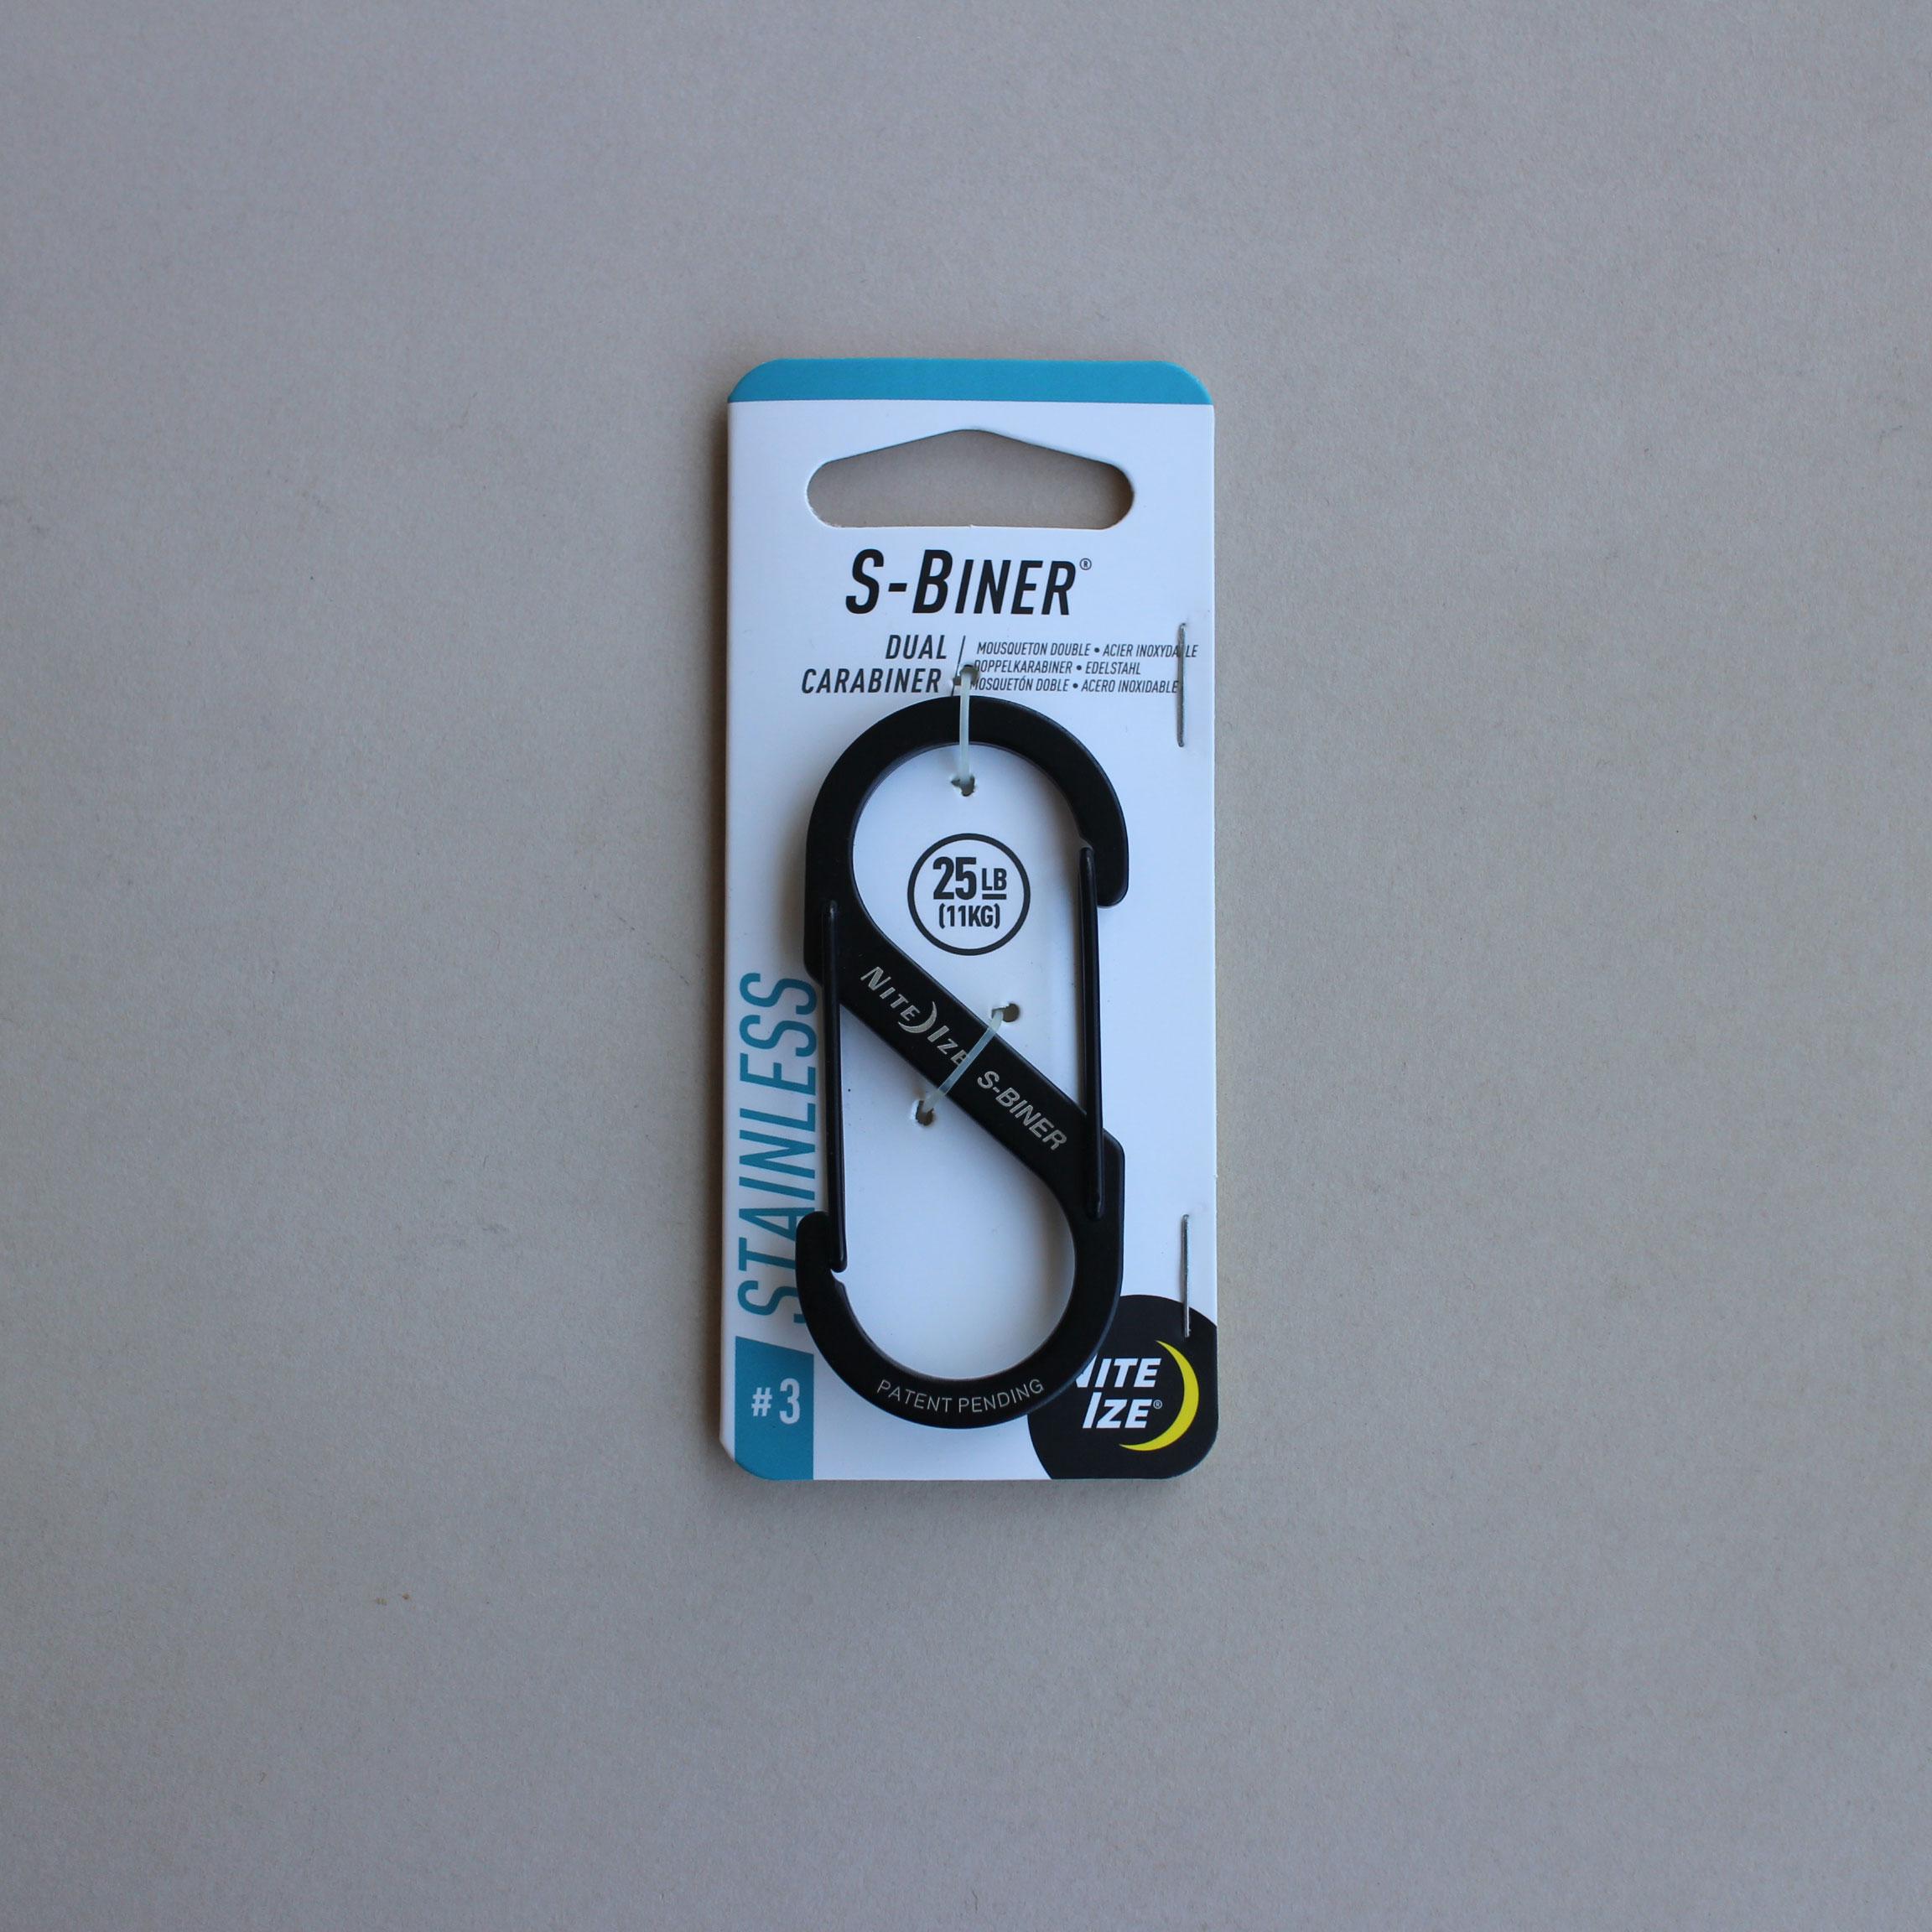 S字型カラビナです ベルトフックやリュック カバンなどに取り付けて必要なものをぶら下げたり 好評受付中 キーホルダーにしたり NITEIZE S-BINER Dual ナイトアイズ エスビナー カラビナ ブラック #3 キーホルダー Carabiner 割引